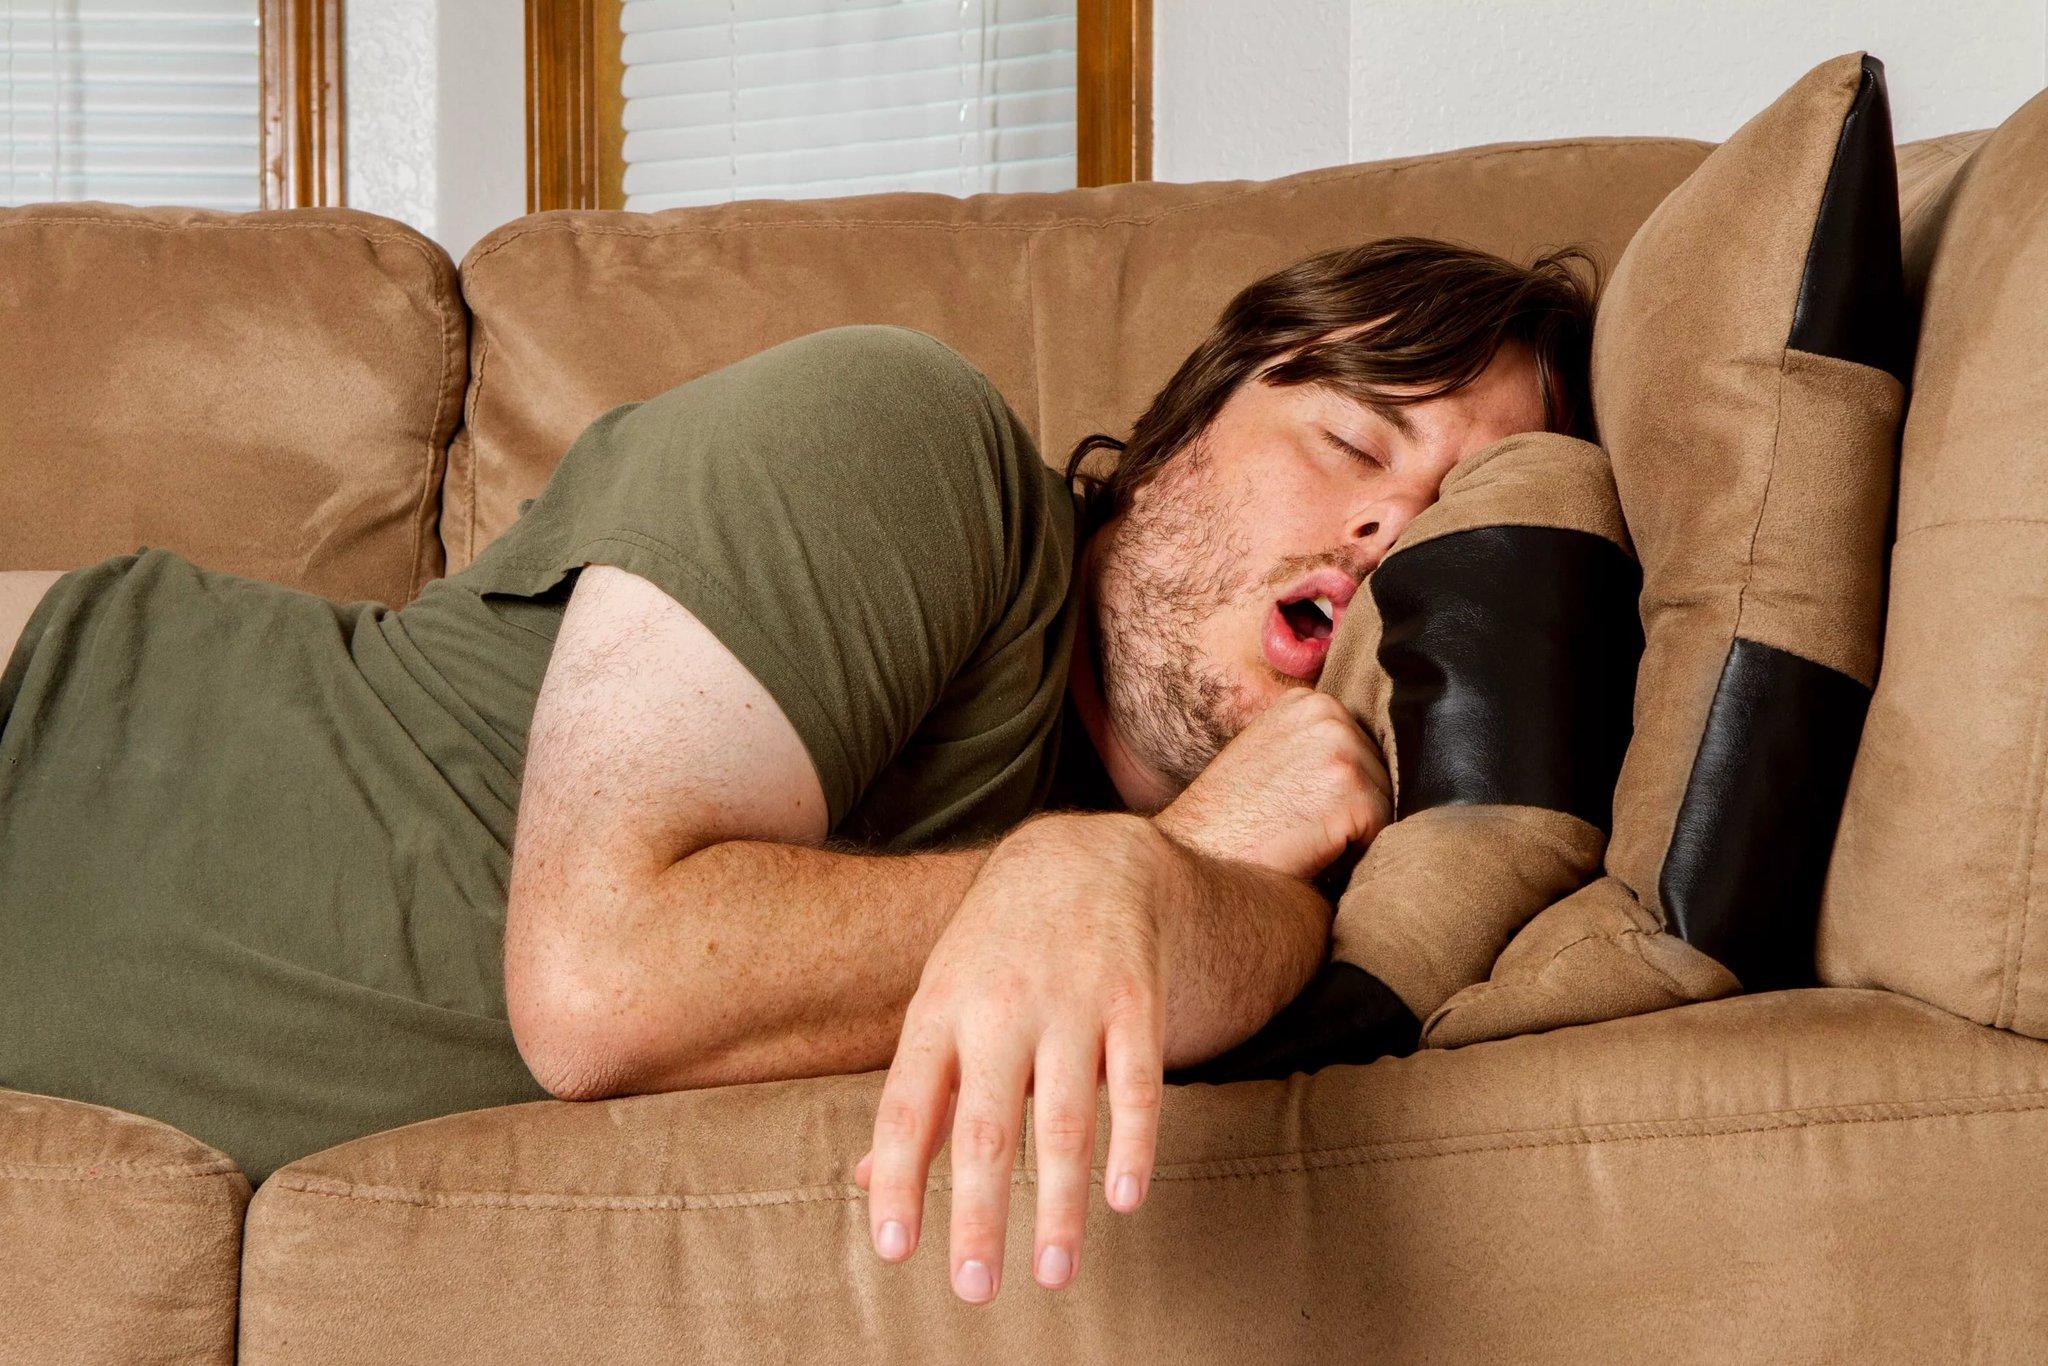 Приколы, спящий человек картинки смешные